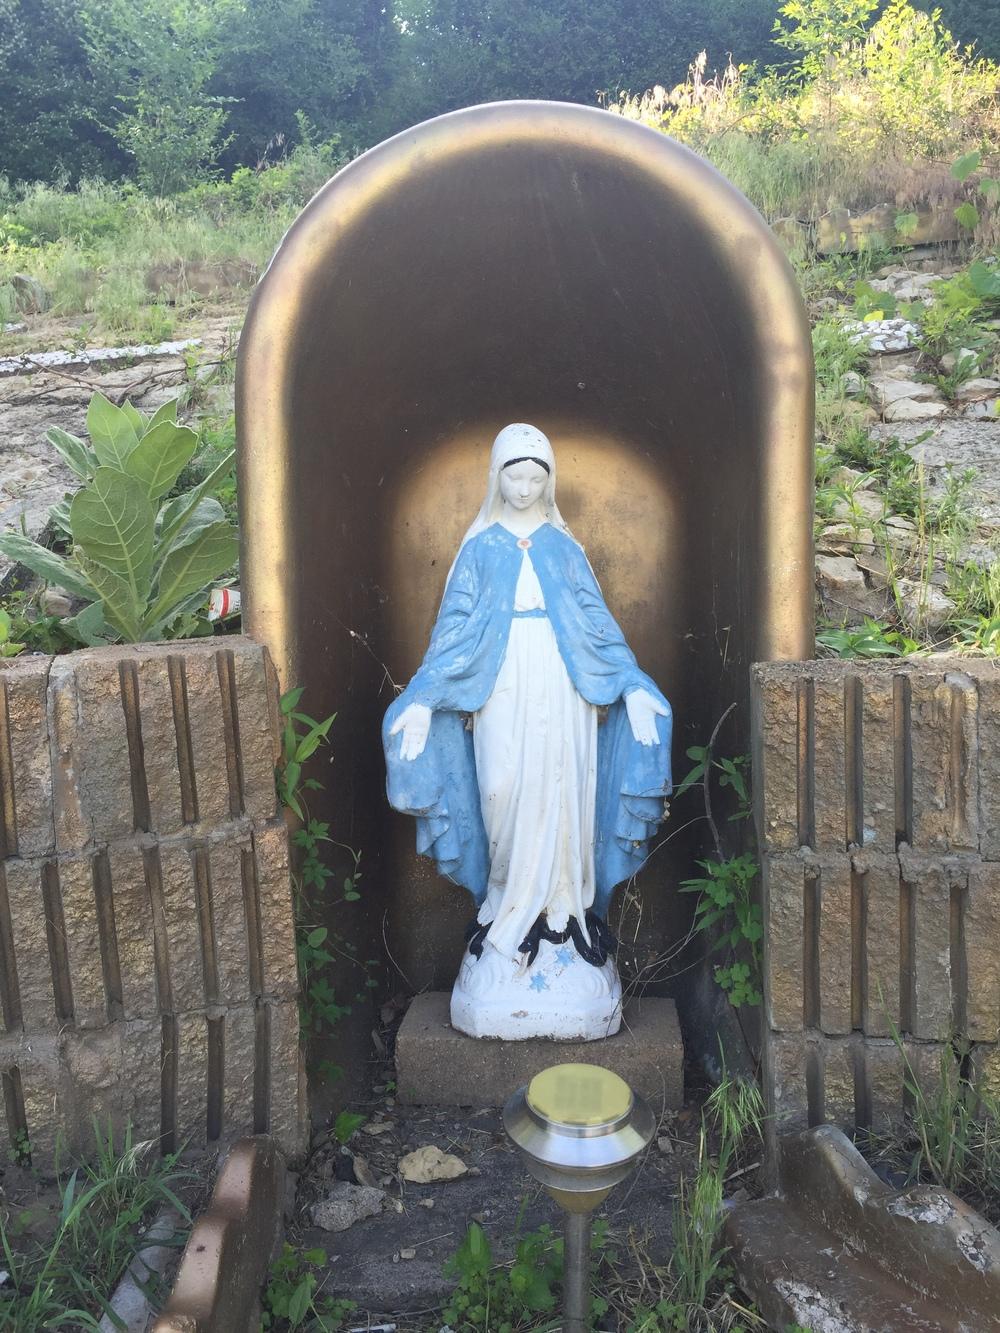 Bathtub Mary grotto on High Bluff st